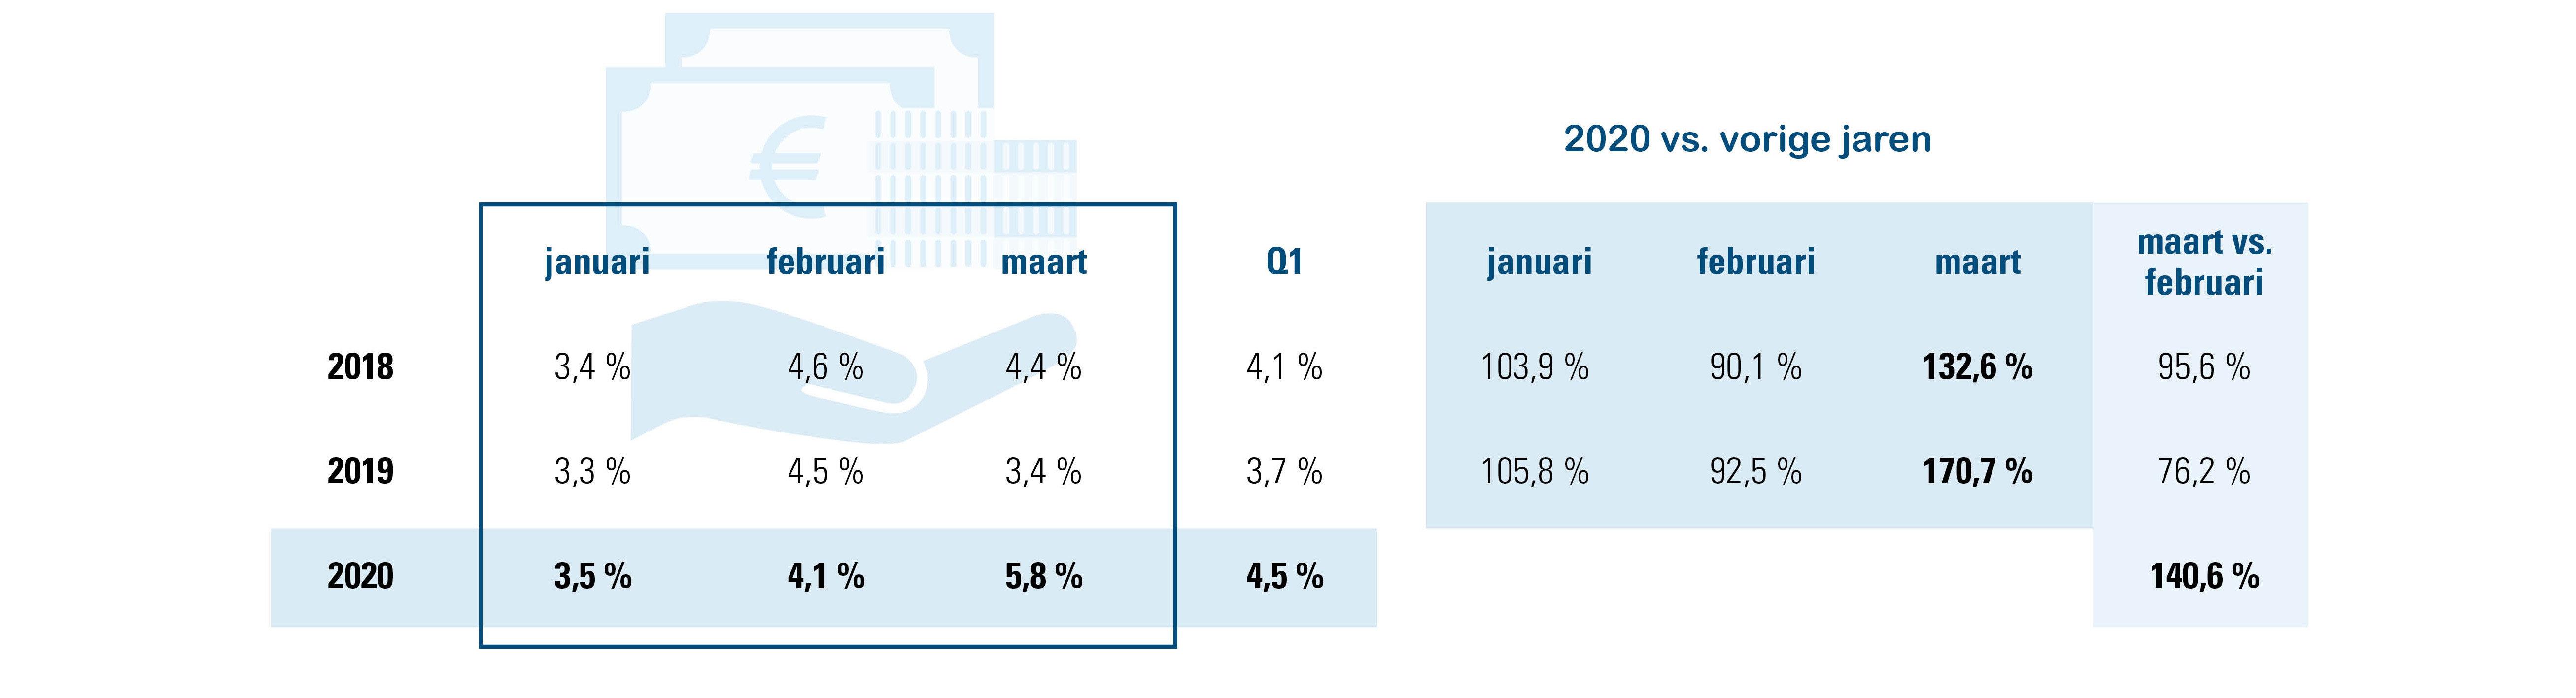 ziekteverzuim gewaarborgd loon, % van werkdagen; 2020 vs 2018 en 2019; maart vs. februari